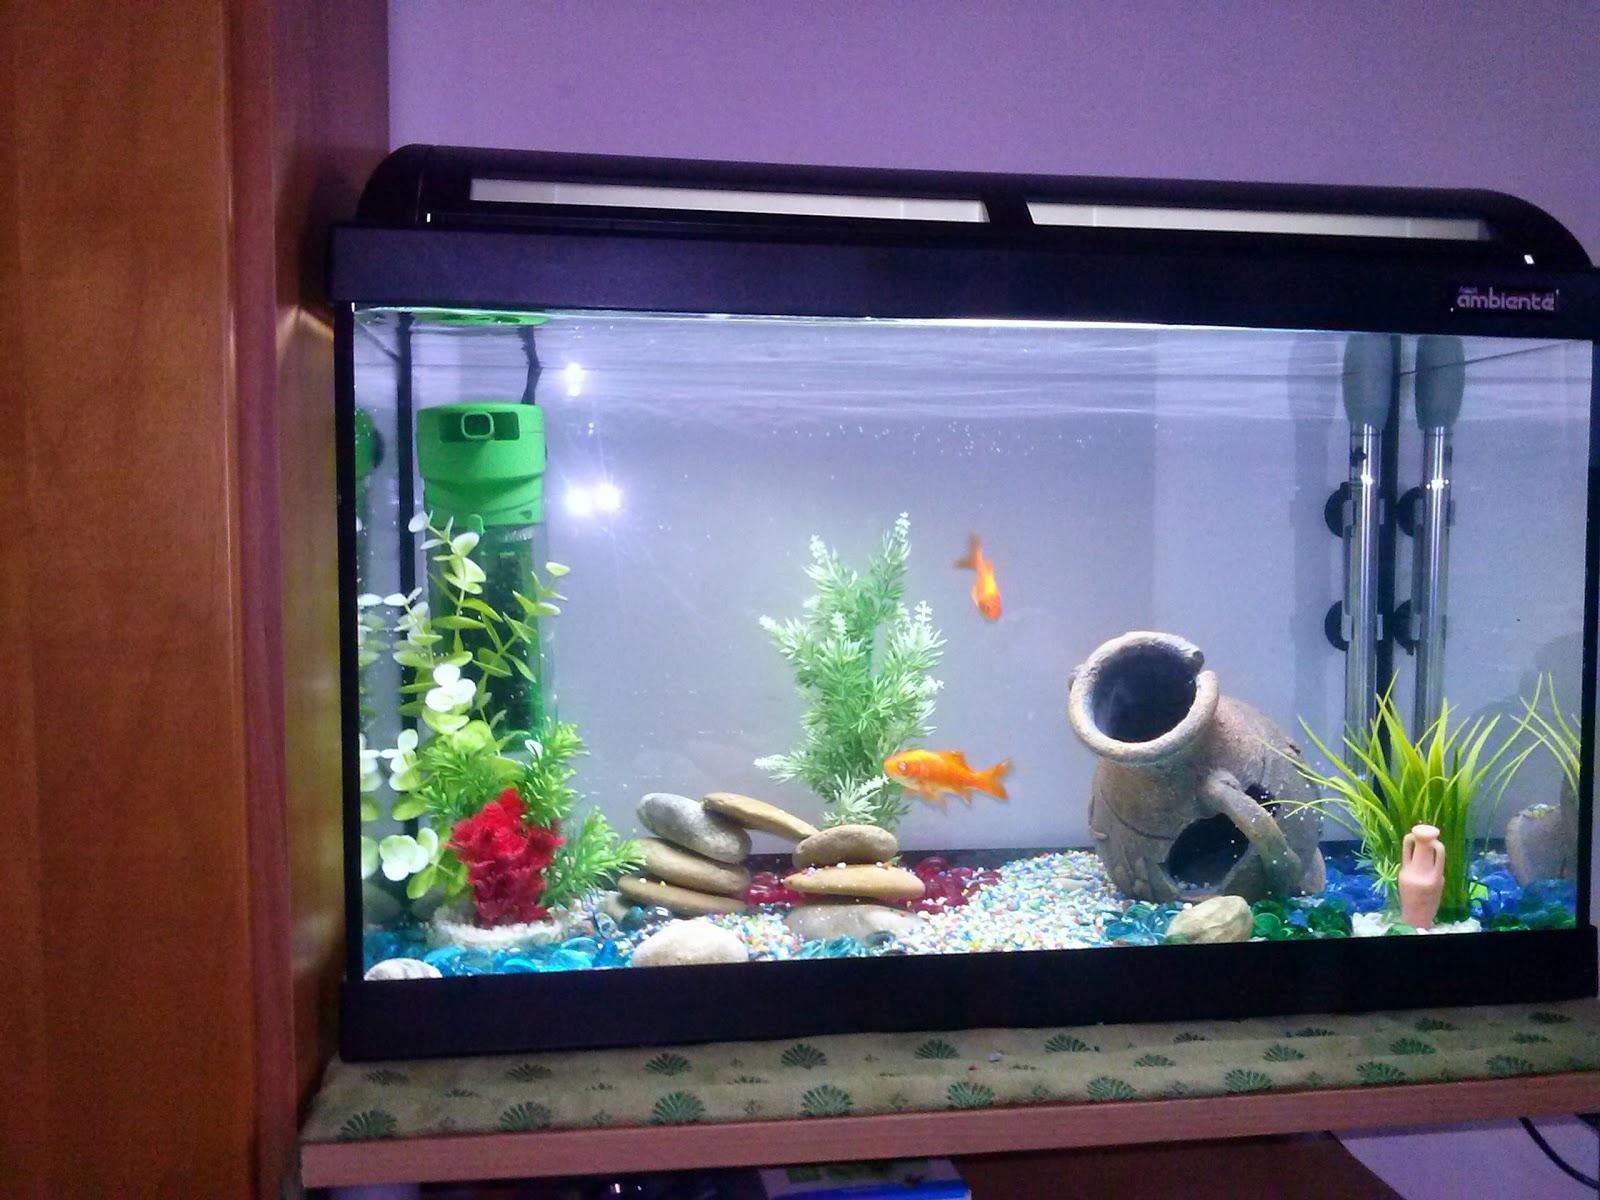 Barabao come allestire un acquario per pesci rossi for Acquario per pesci rossi usato